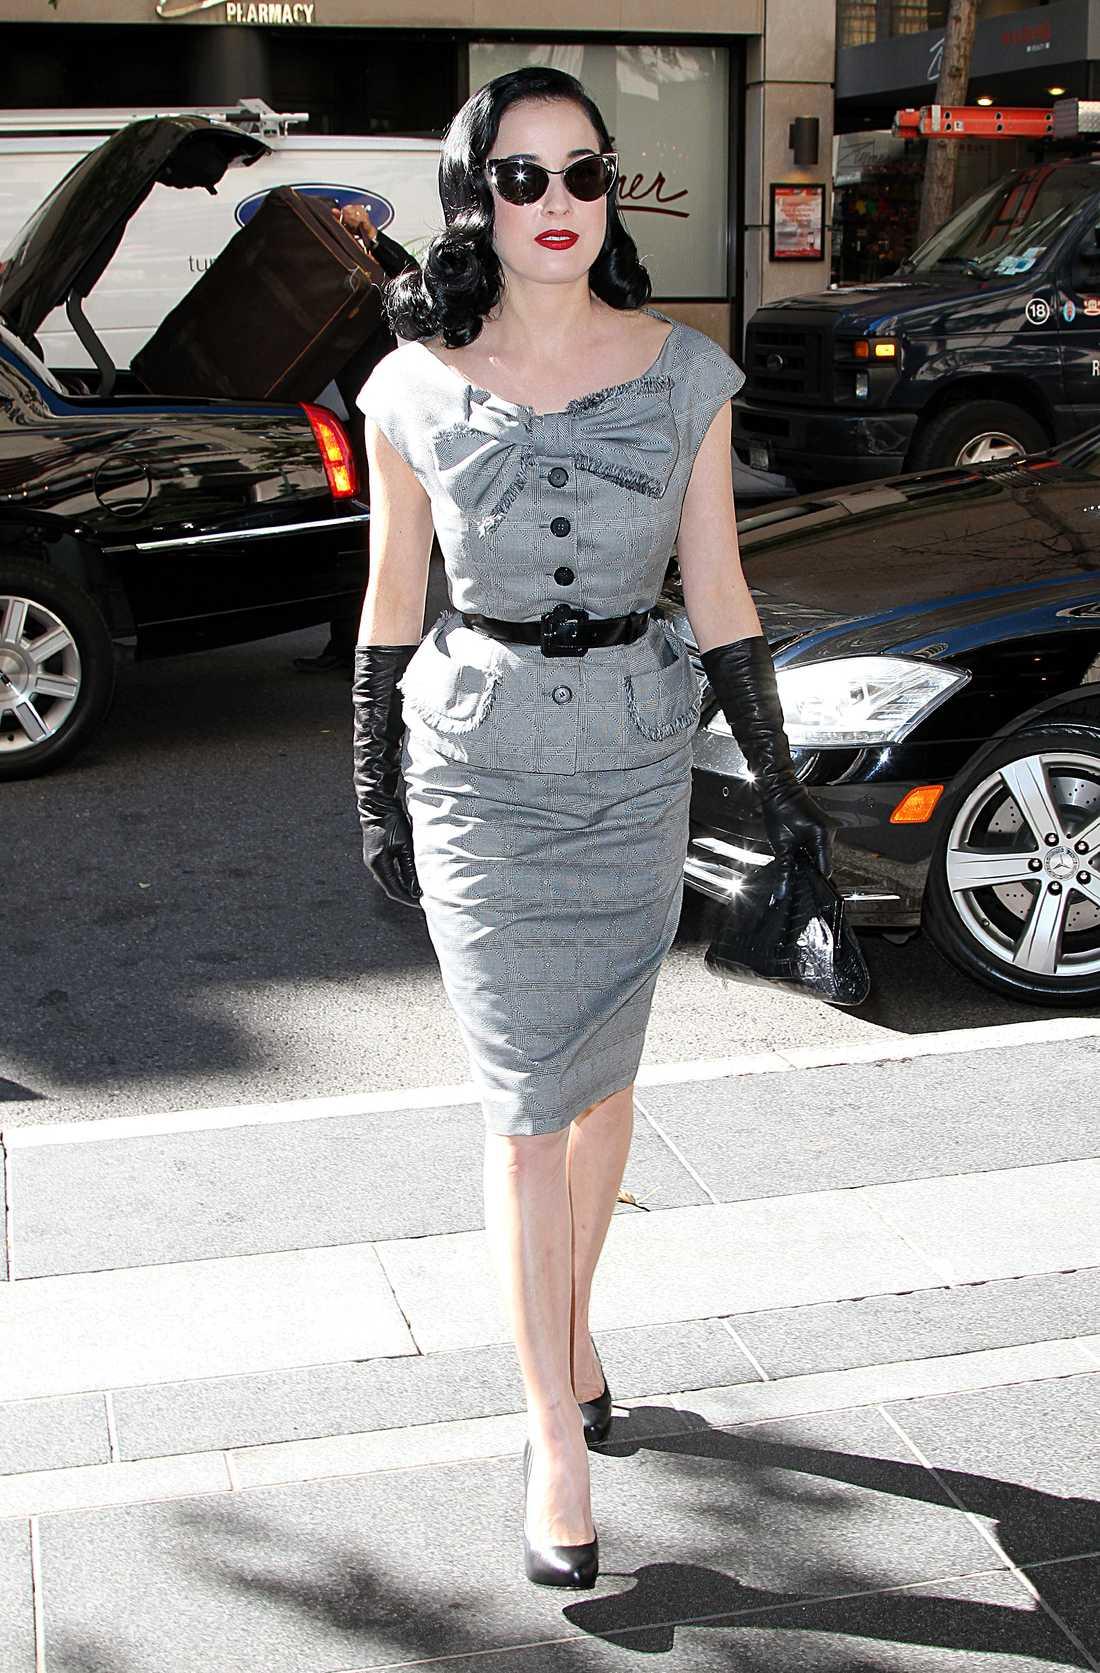 Dita von Teese är Hollywoodglammig i grå dräkt med skinnhandskar och höga pumps.